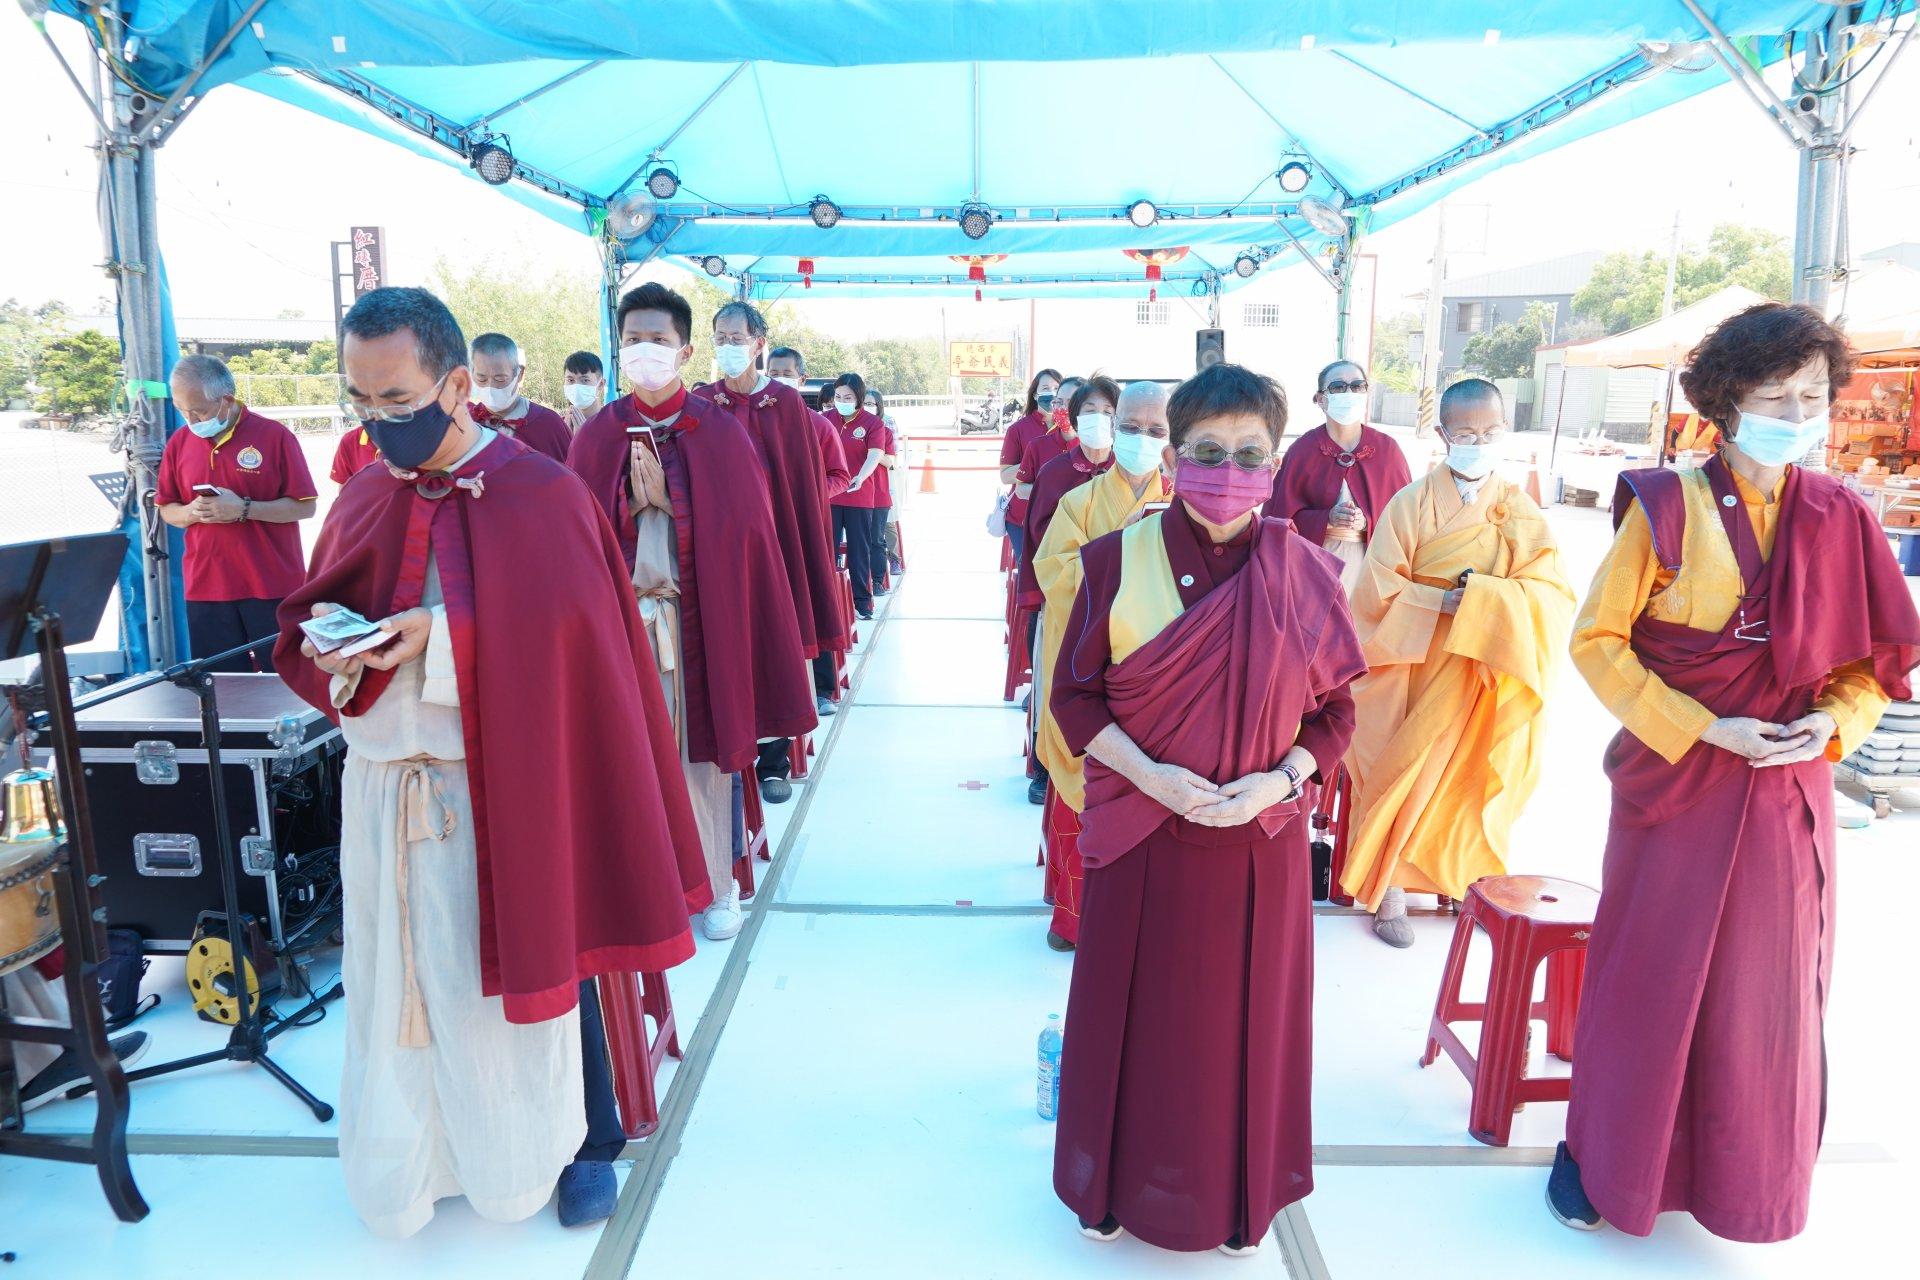 行動佛殿131站高雄田寮,信眾誦經祈福